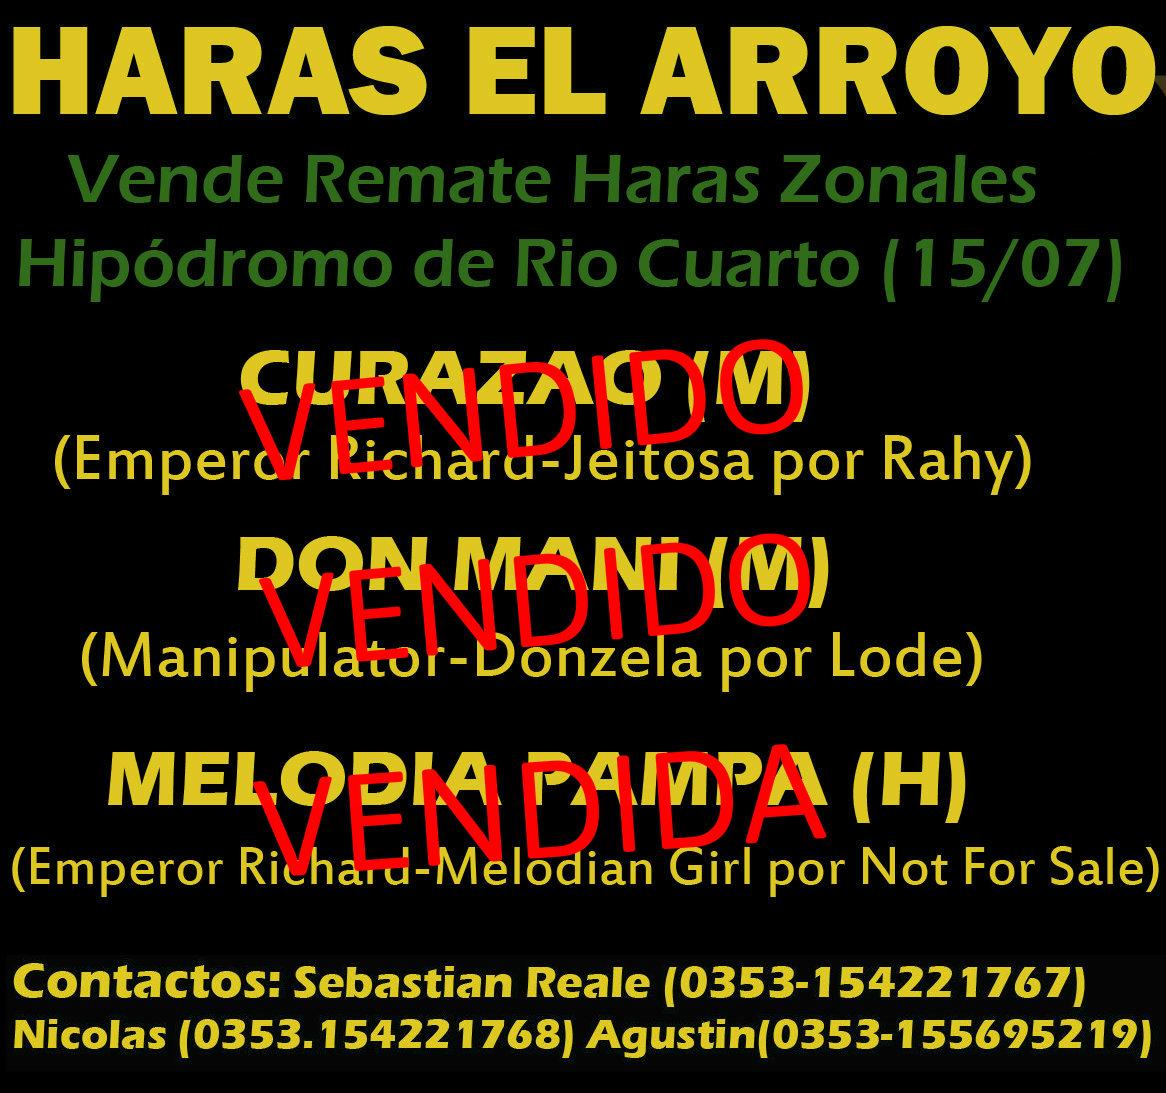 HS EL ARROYO VTA